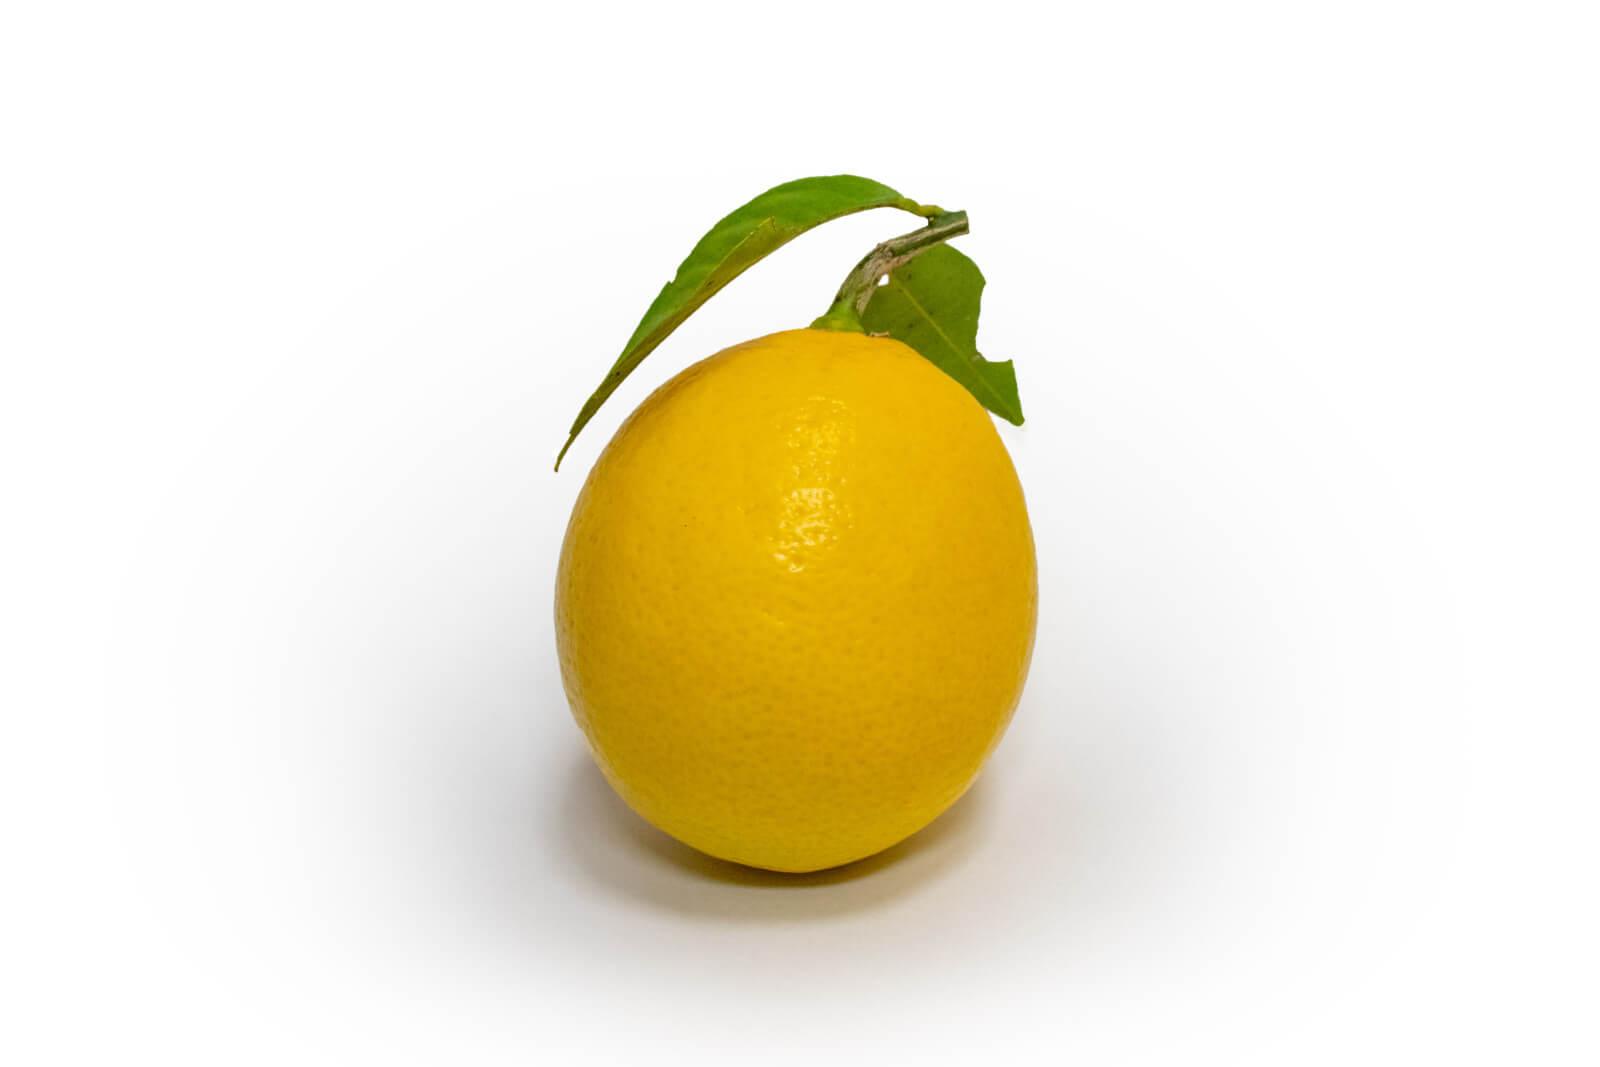 無農薬レモン1個(枝葉付き)